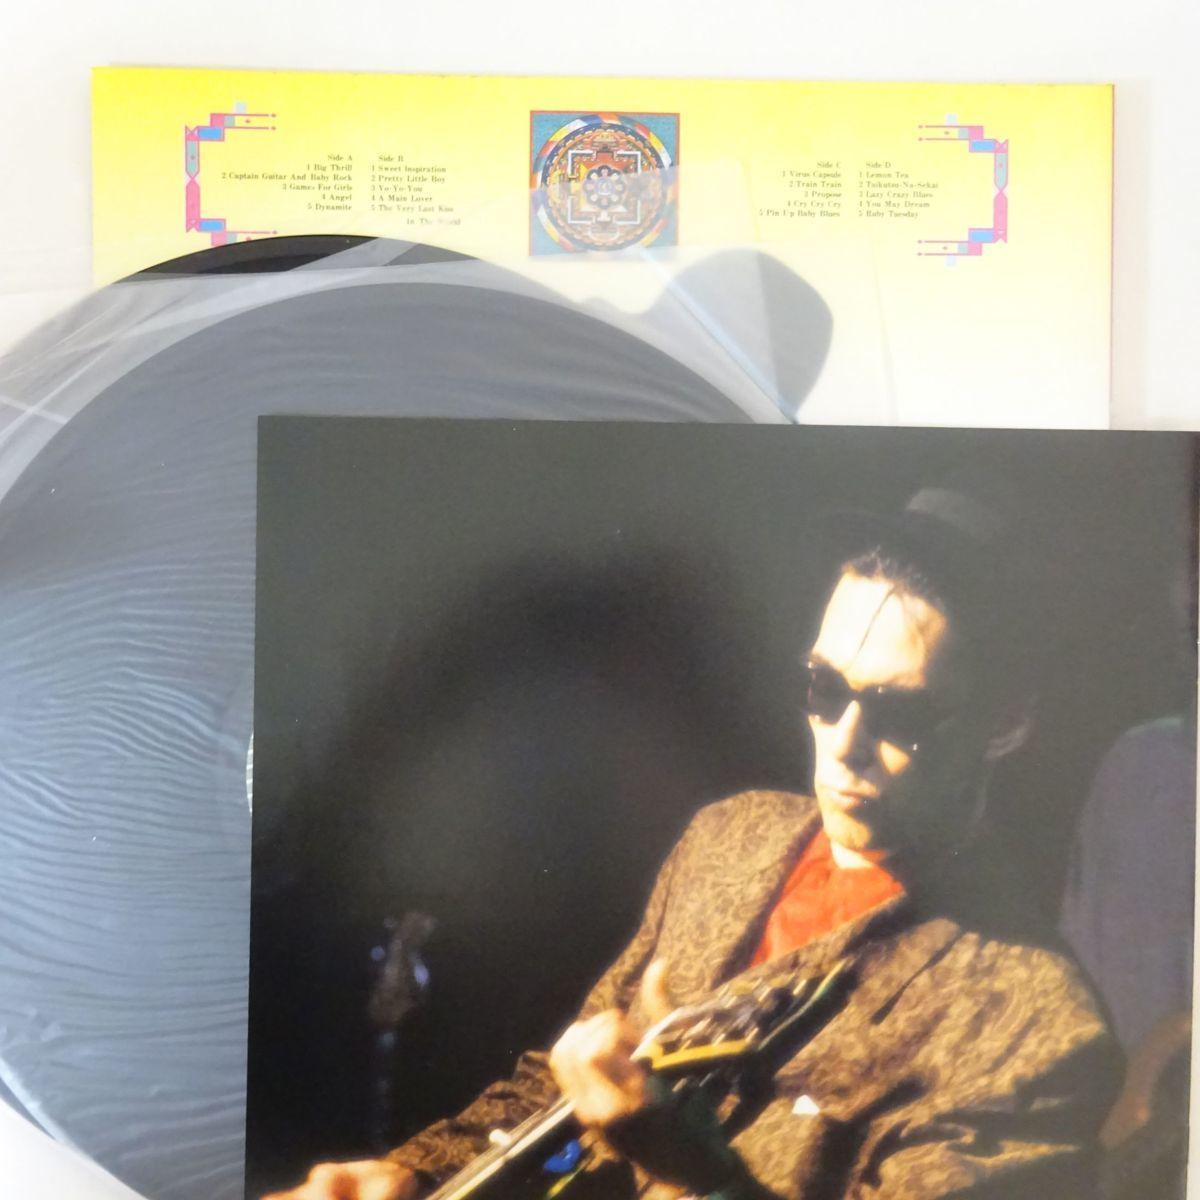 13036632;【帯付/2LP/ブックレット/山口冨士夫参加】Sheena & The Rokkets / Captain Guitar And Baby Rock_画像2